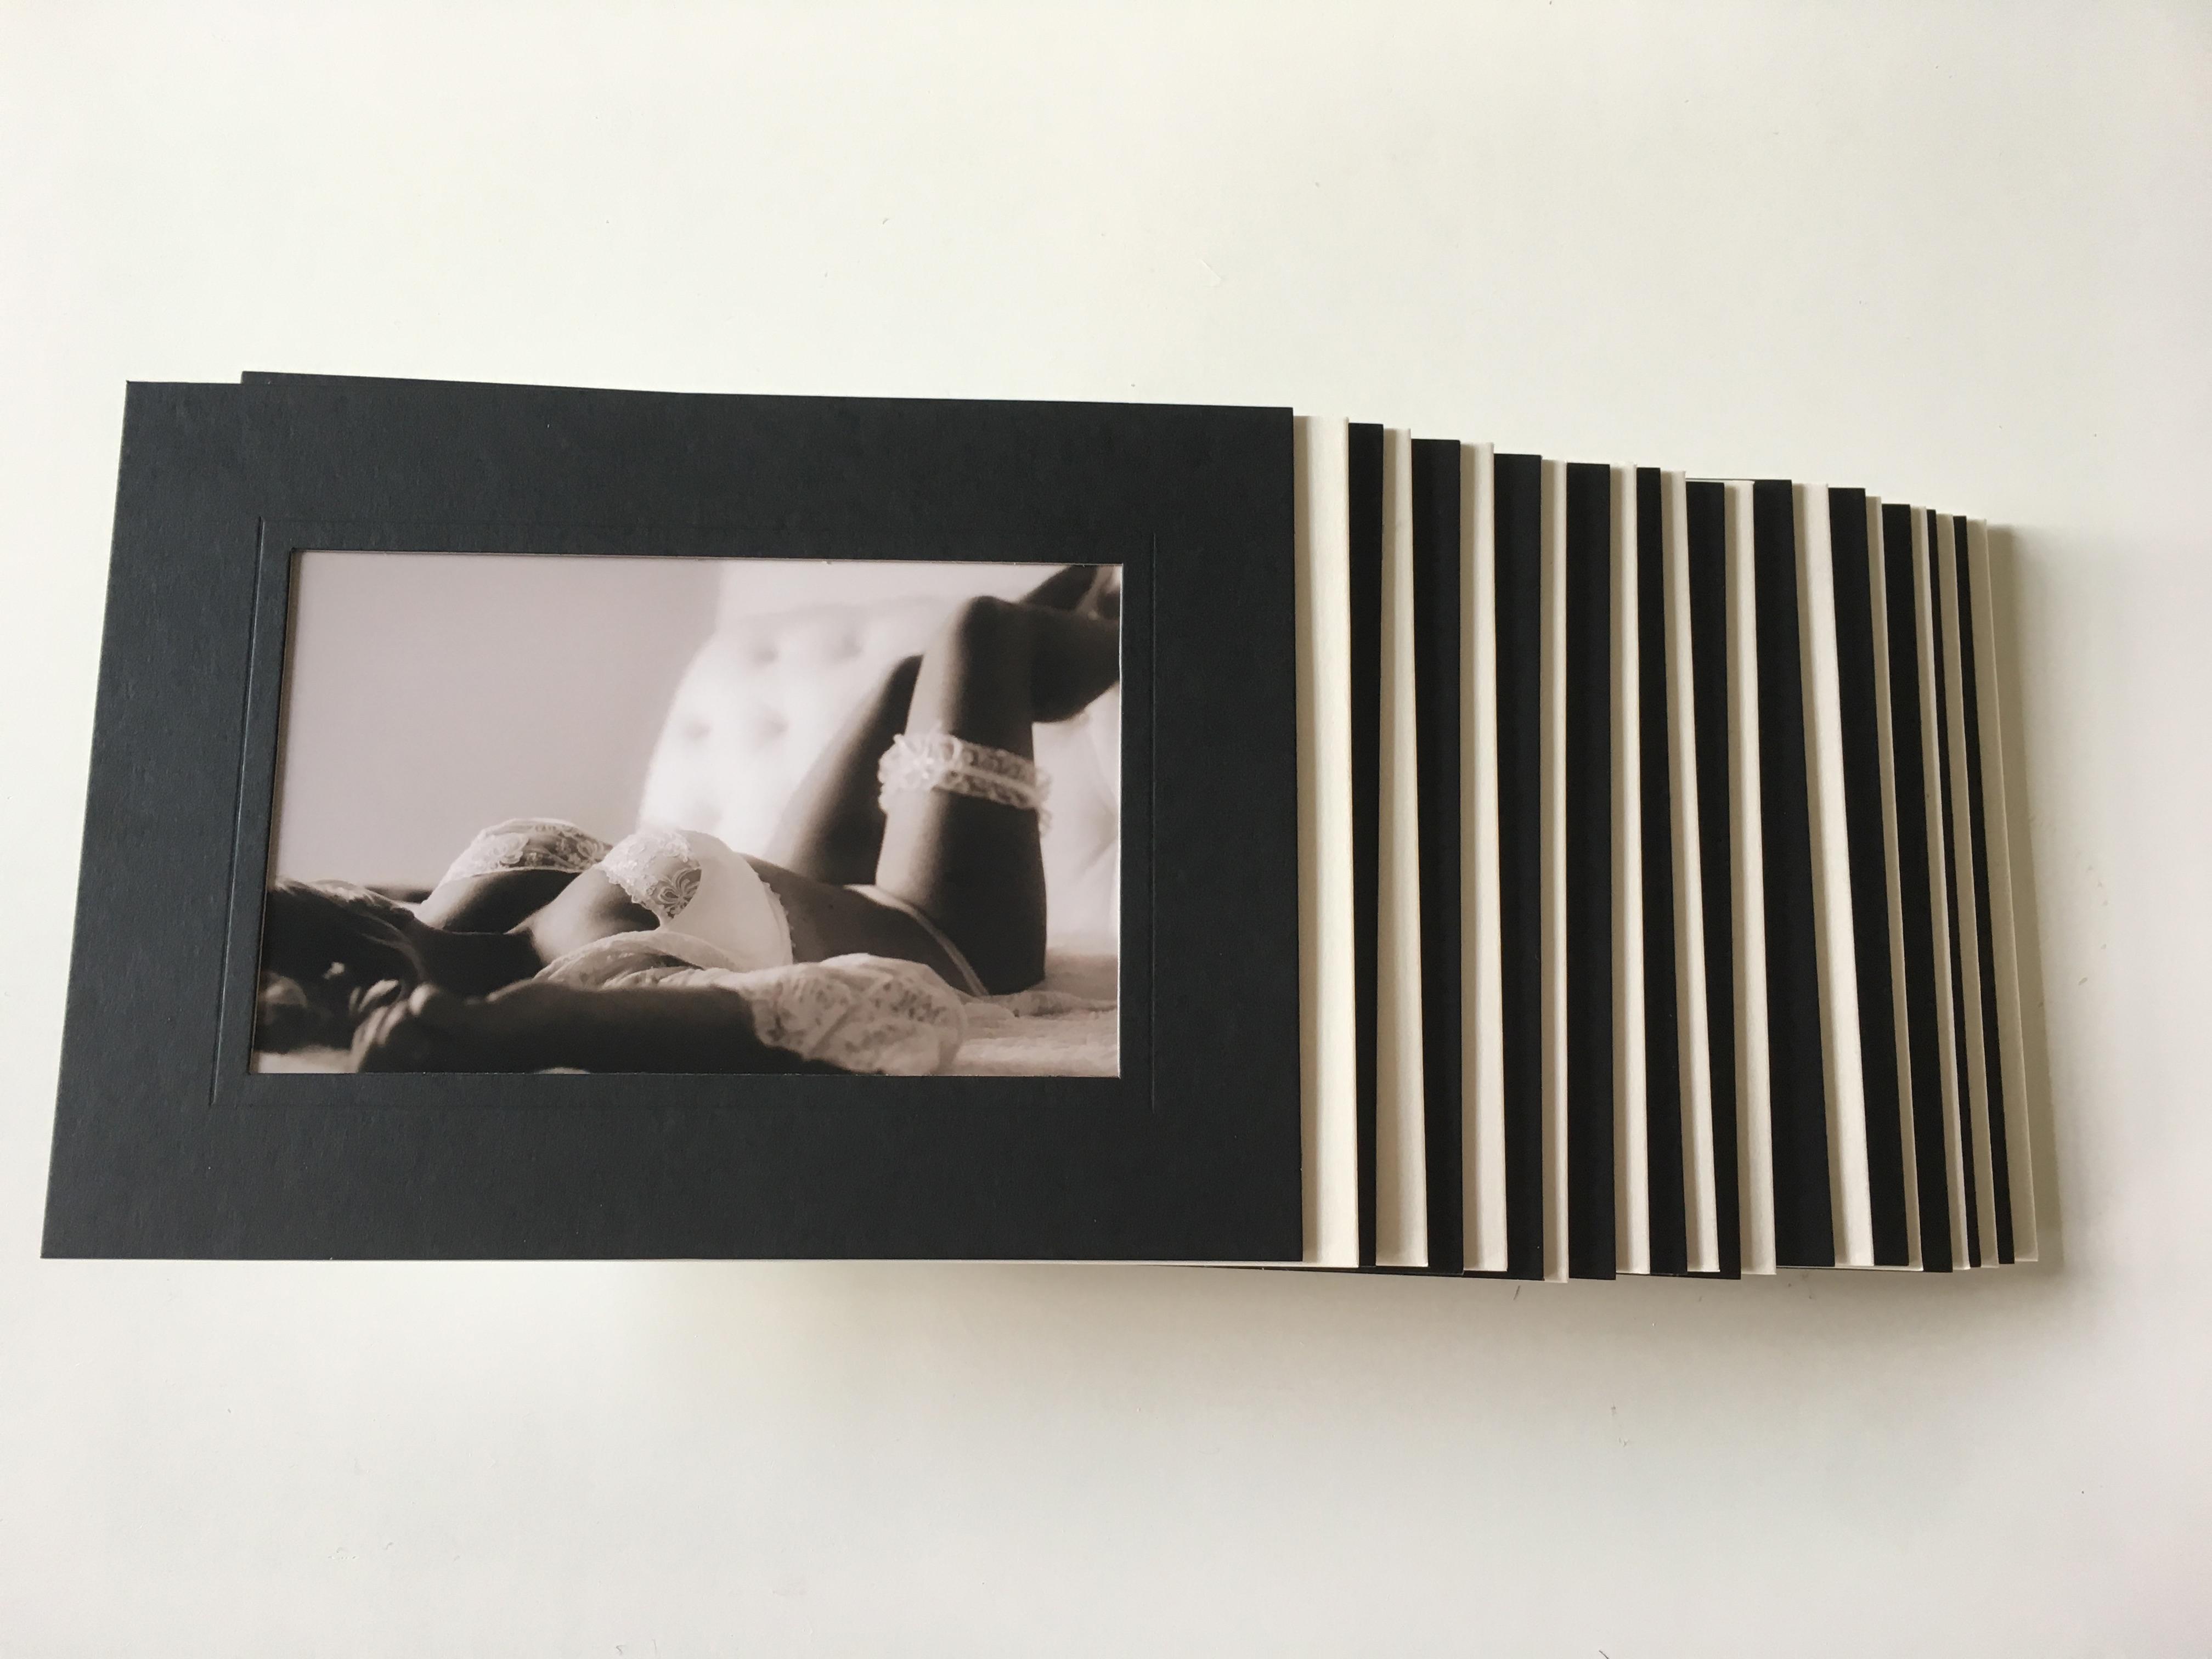 zelfstandig staande passe partout in ivoor of zwart kleur en in de maten 10x15; 13x18 en 20x30 cm